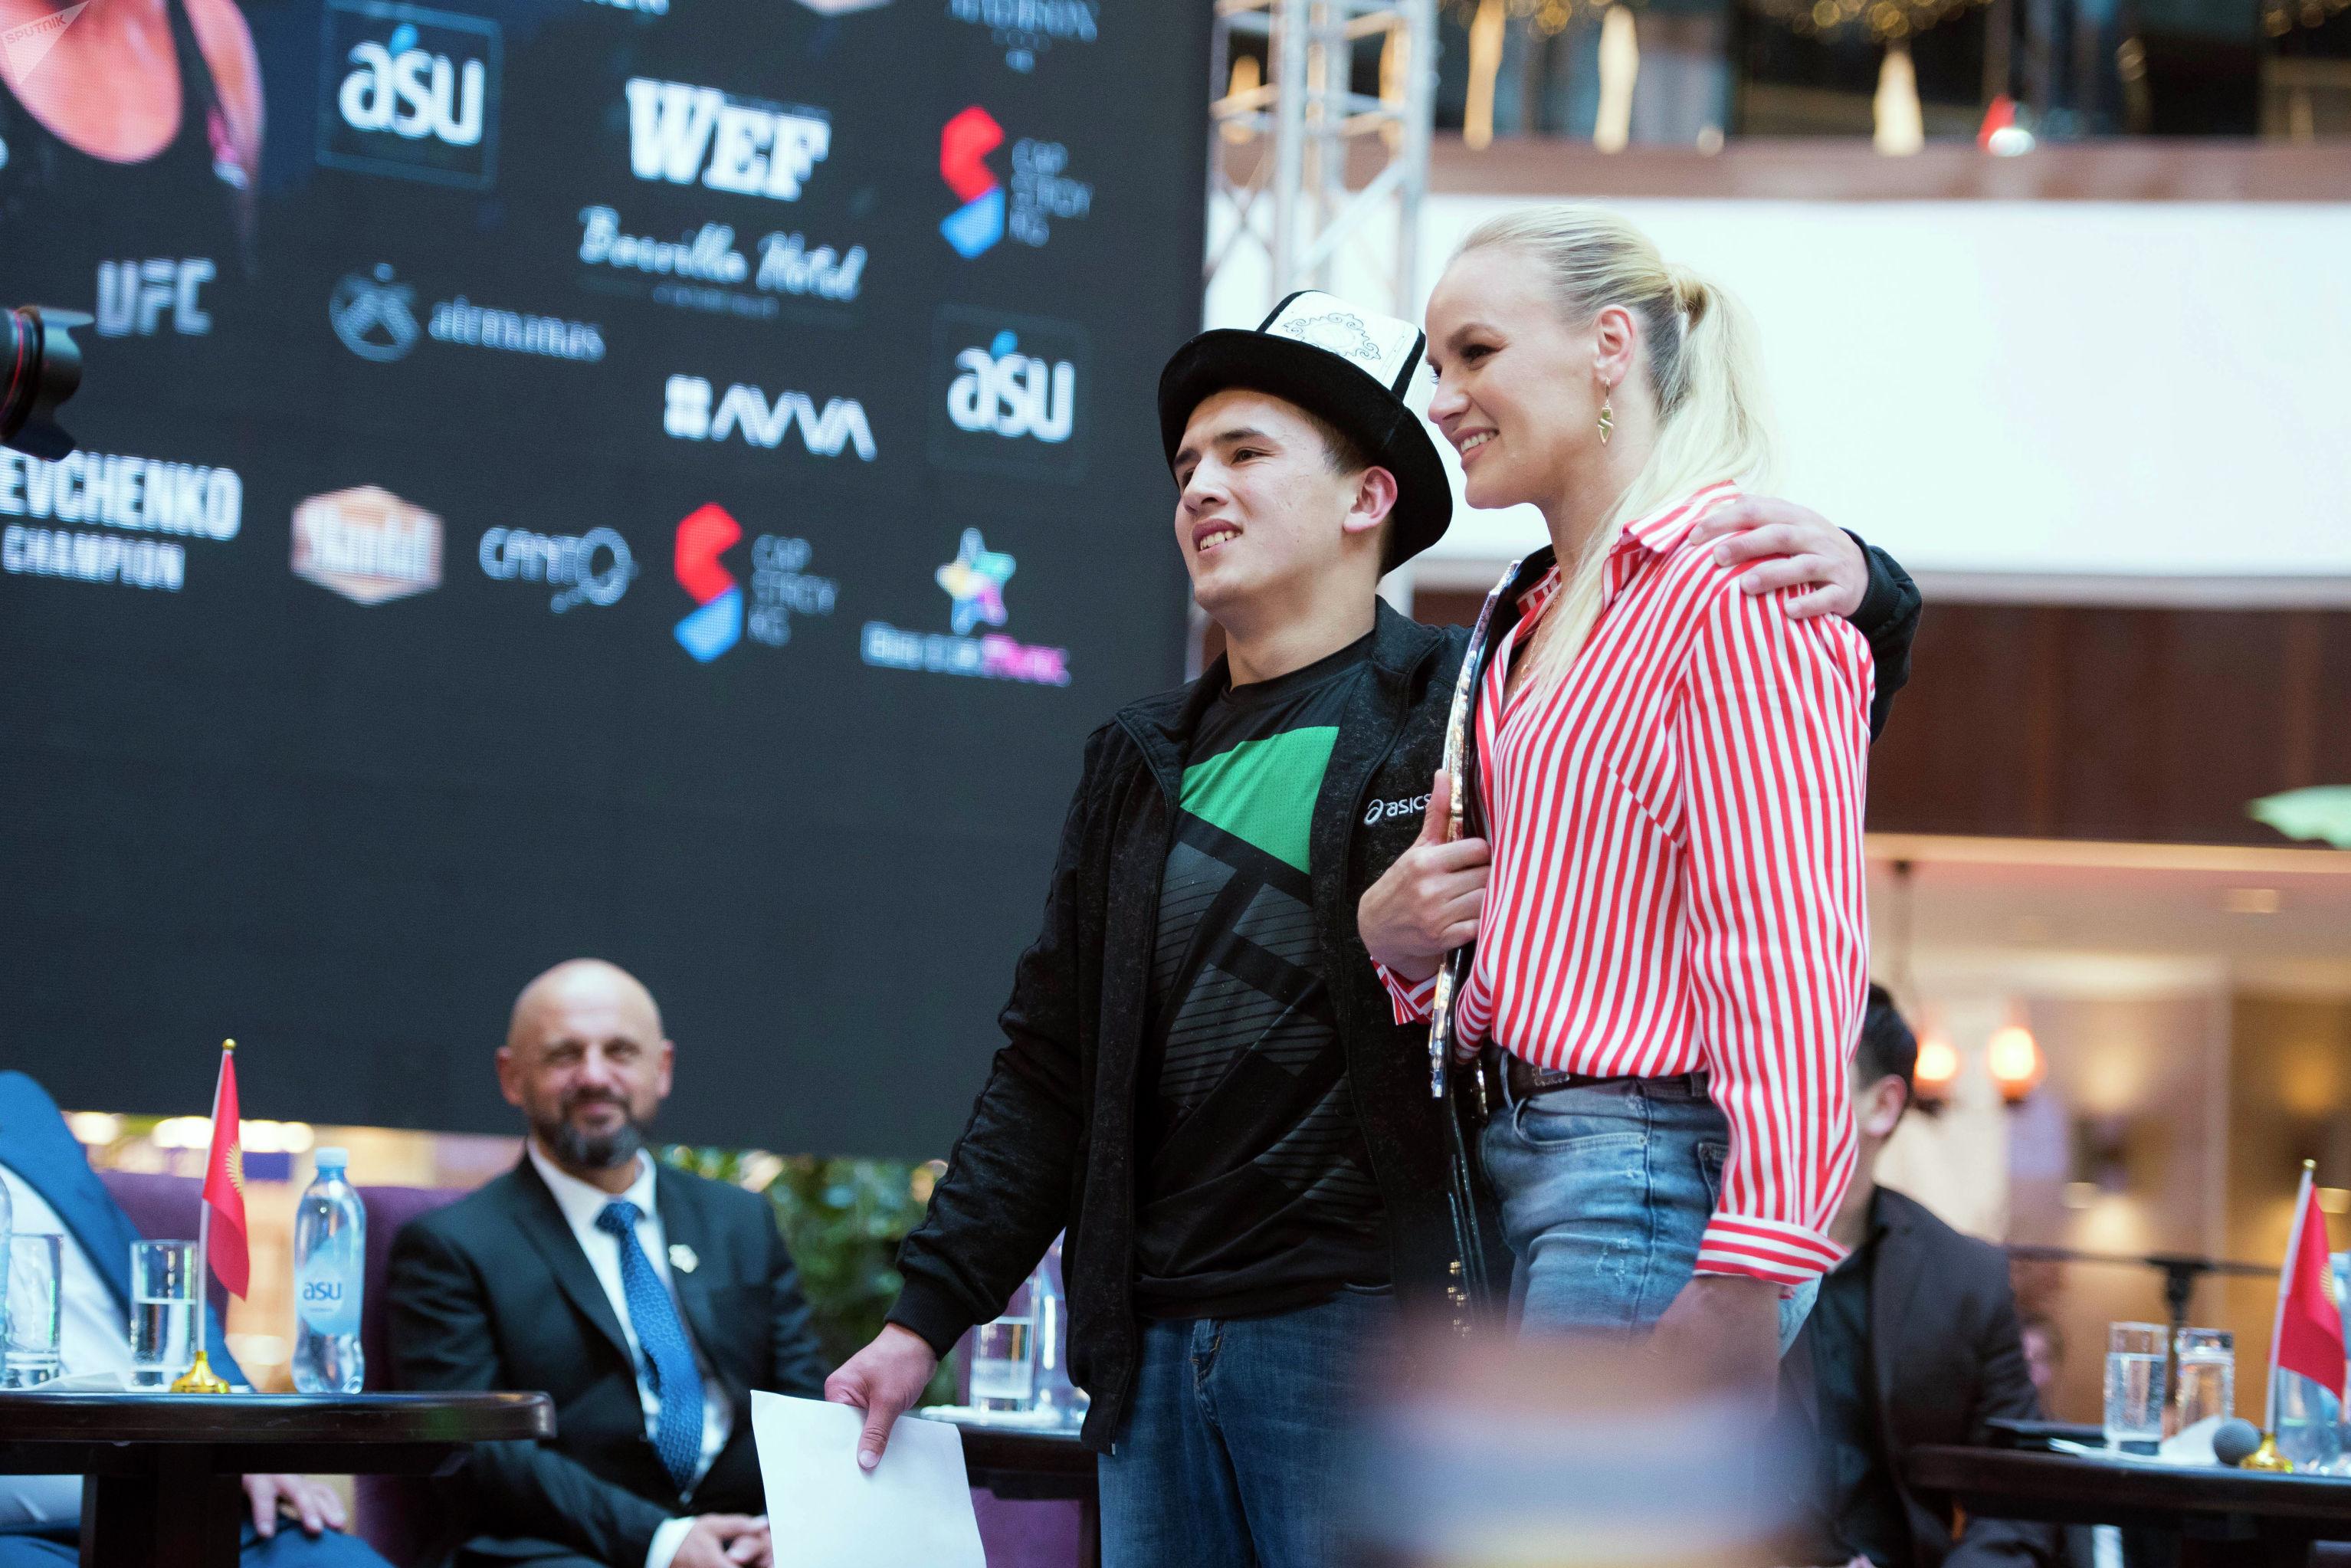 Один из фанатов чемпионки UFC Валентины Шевченко расплакался после селфи с кумиром.